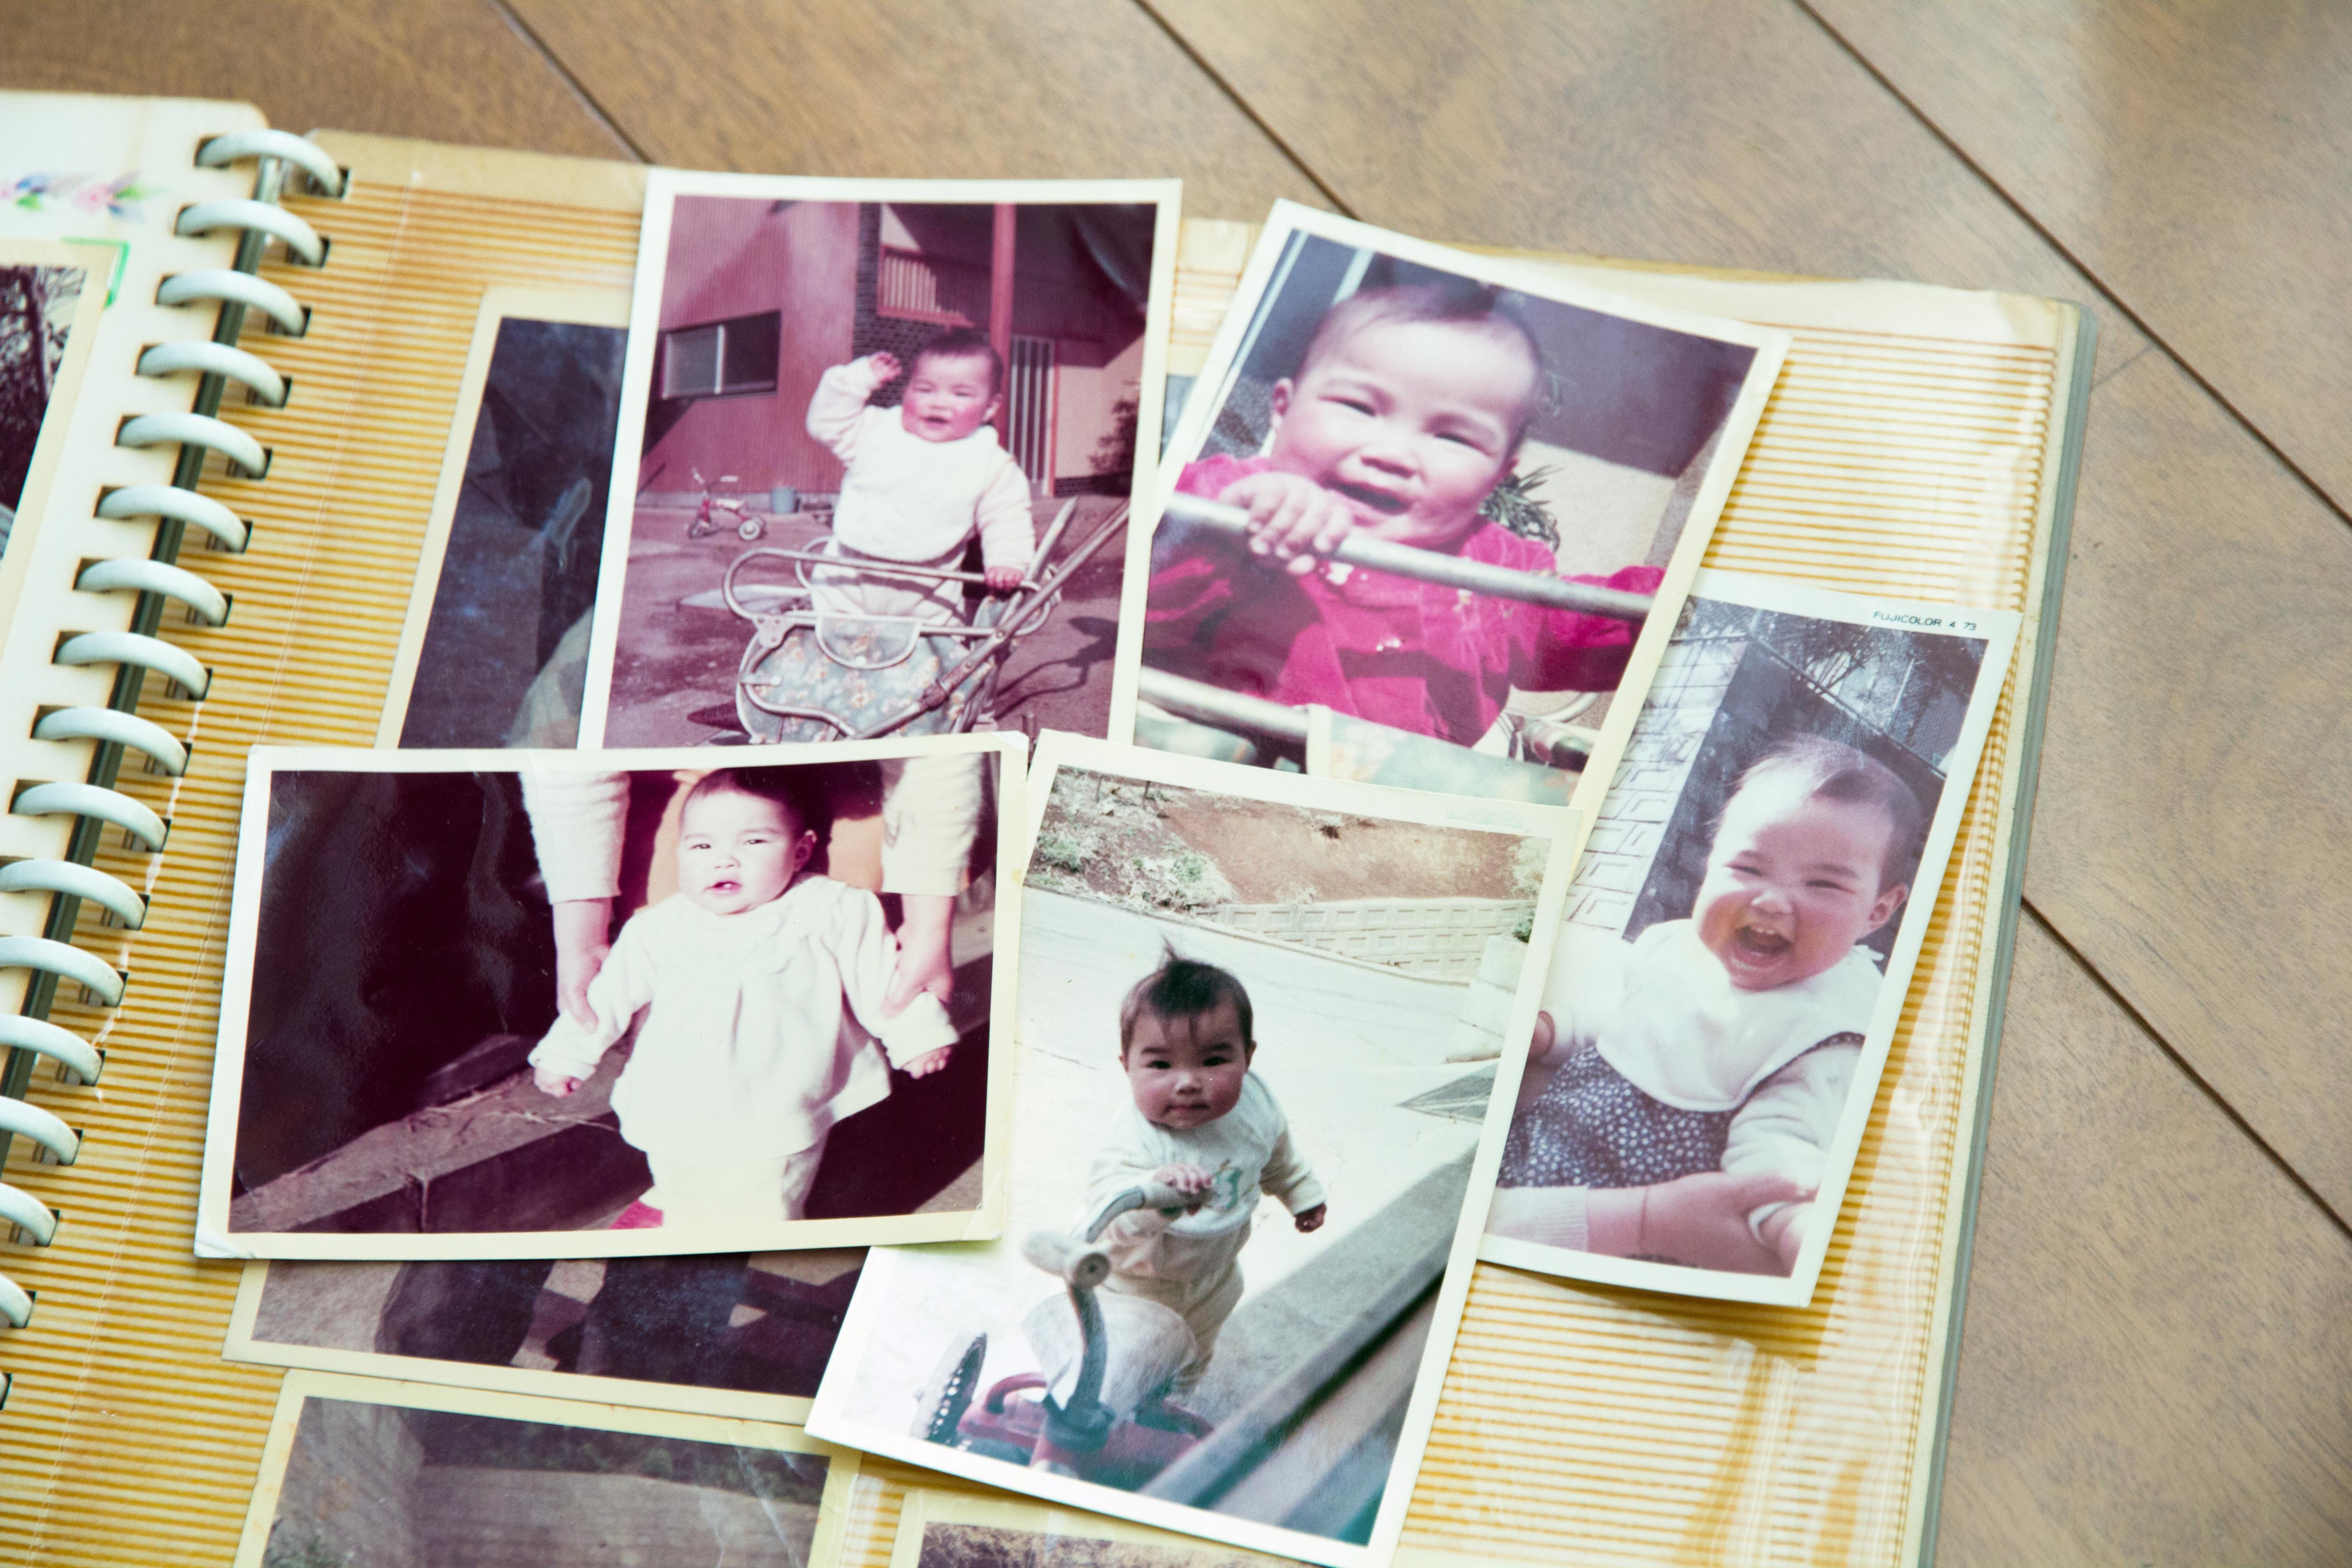 帰省時のおみやげや敬老の日のプレゼントに。 おじいちゃん・おばあちゃんが喜ぶ写真を使ったプレゼントのアイデア3選。